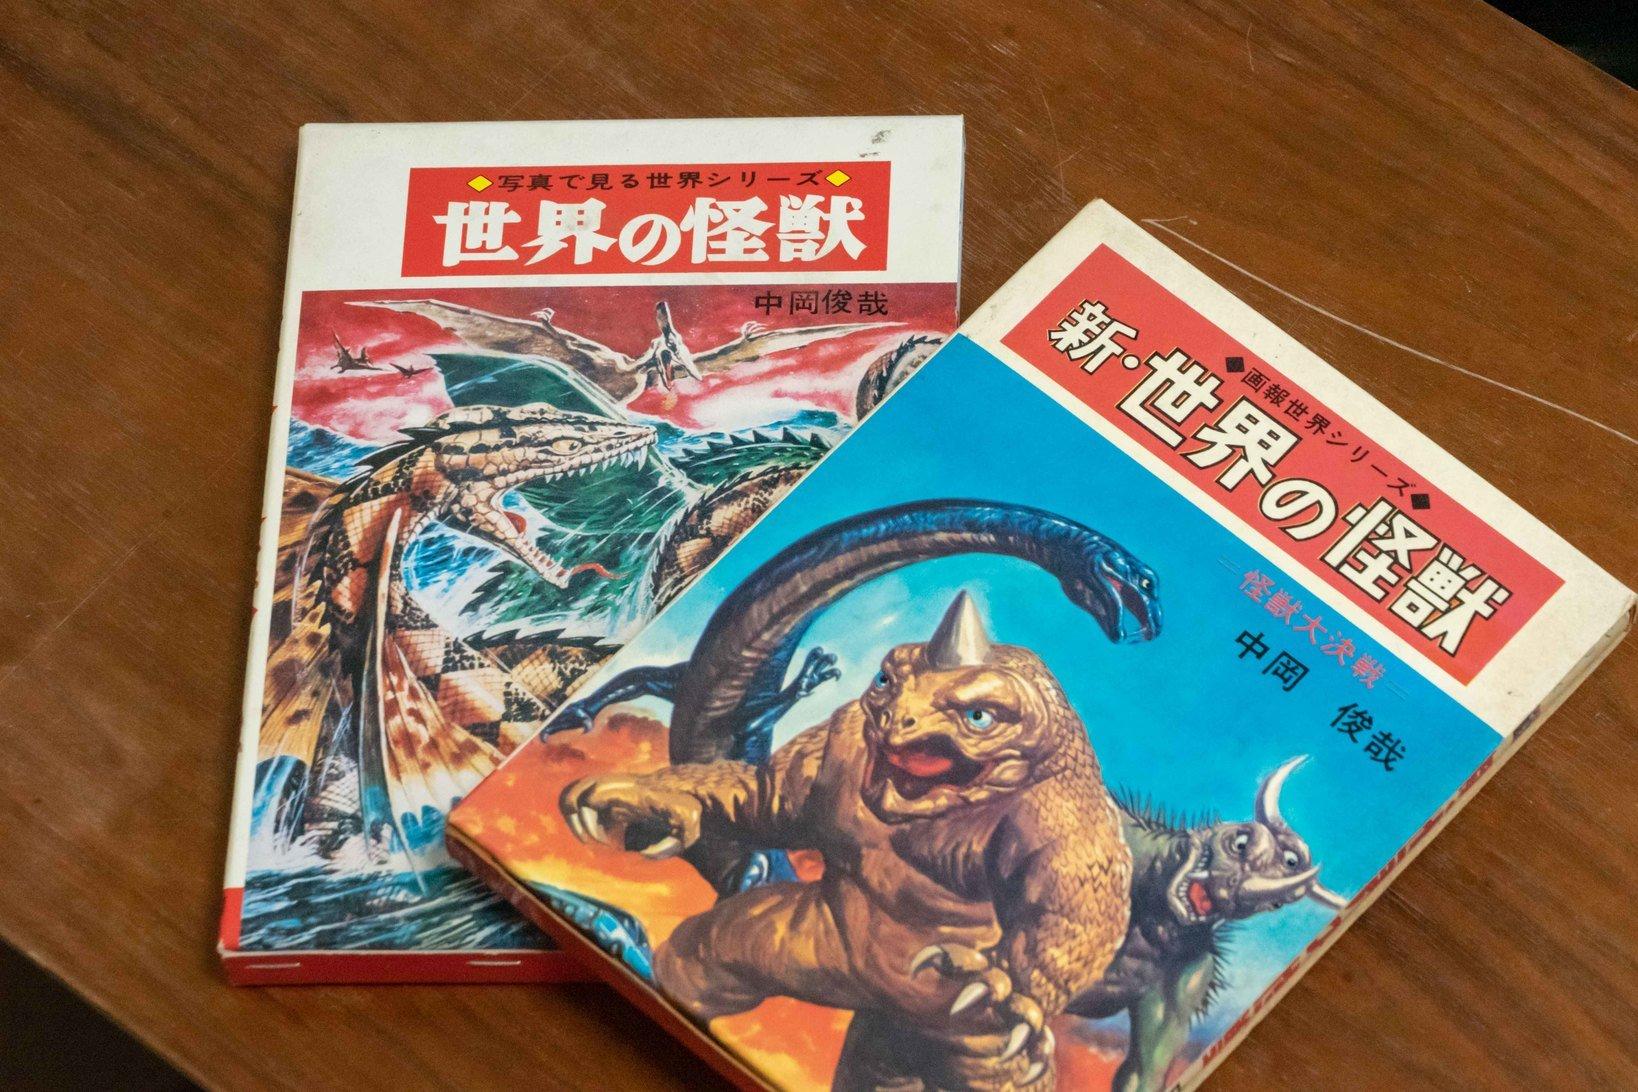 秋田書店に許可を取って復刊した「世界の怪獣」。この本に出てくる怪獣もオリジナルとして制作している。「オリジナルのソフビは色々な塗装を試せる利点があります。獣虫も現実にいるようなリアルな雰囲気を考えながら塗装しました」(宮澤さん)